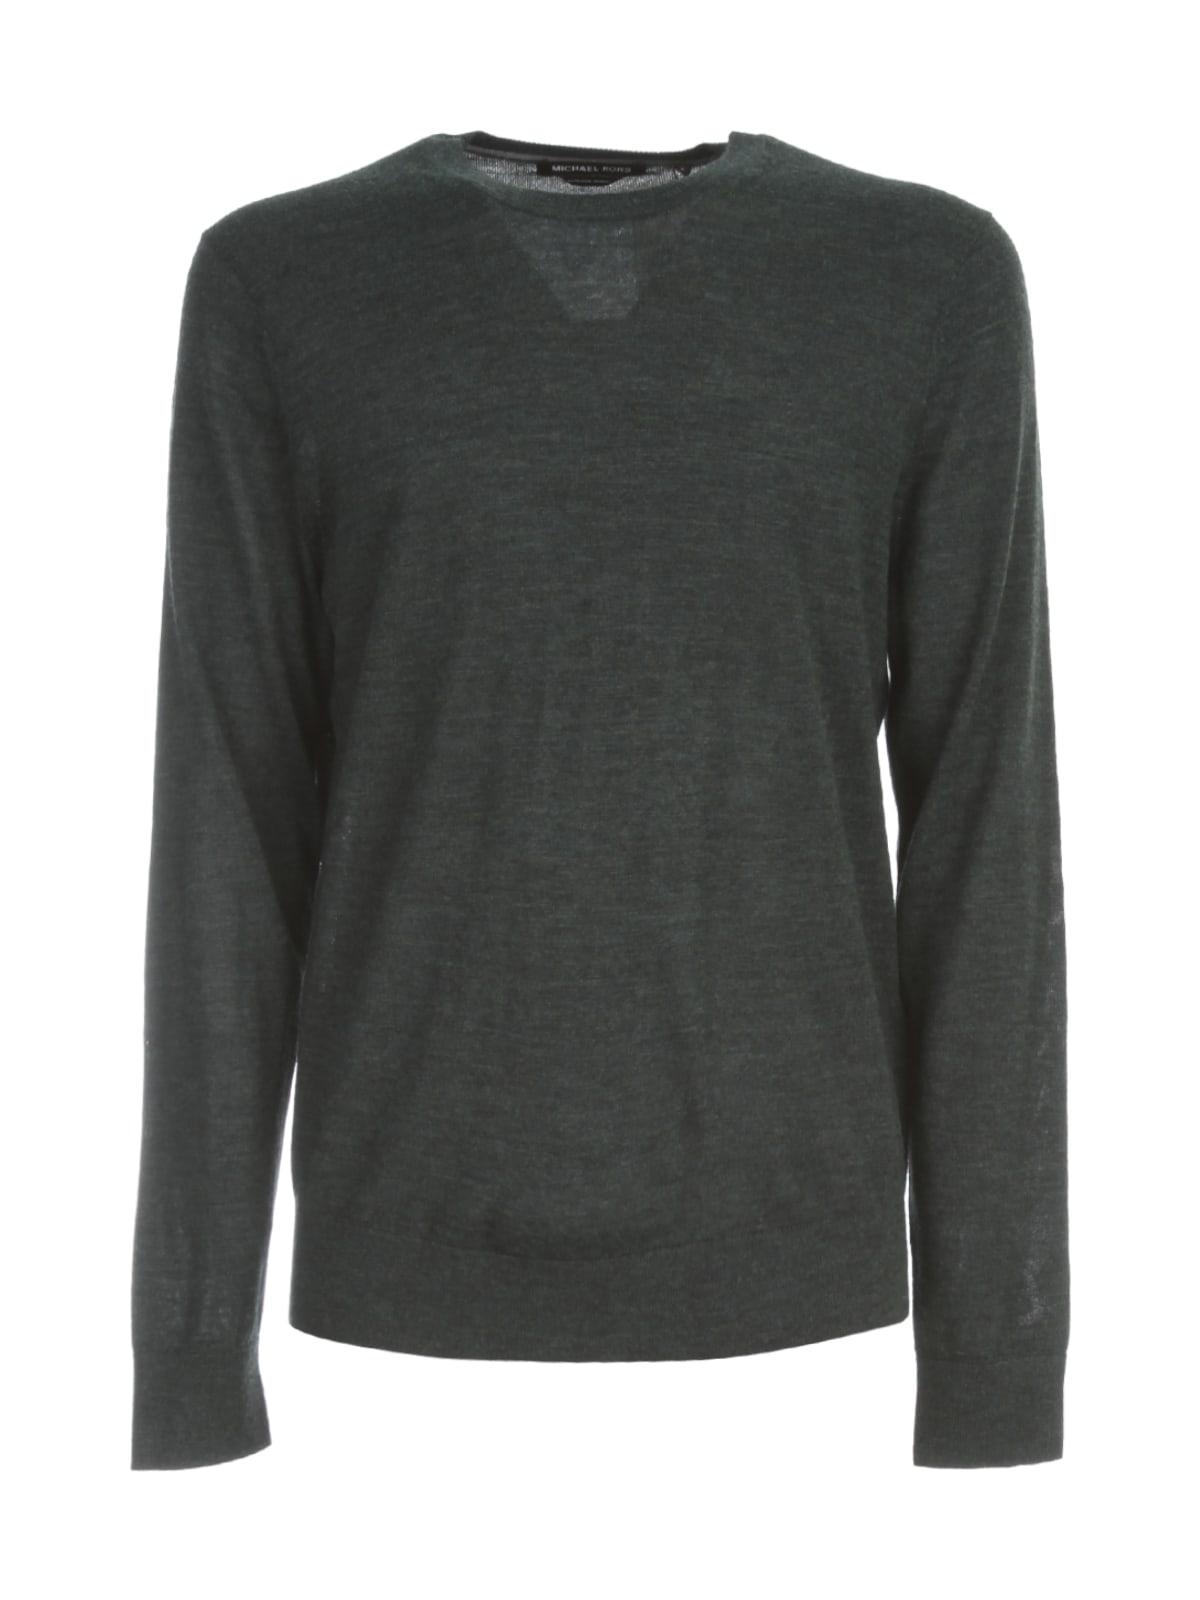 Michael Kors New Basic Merino Crew Neck Sweater